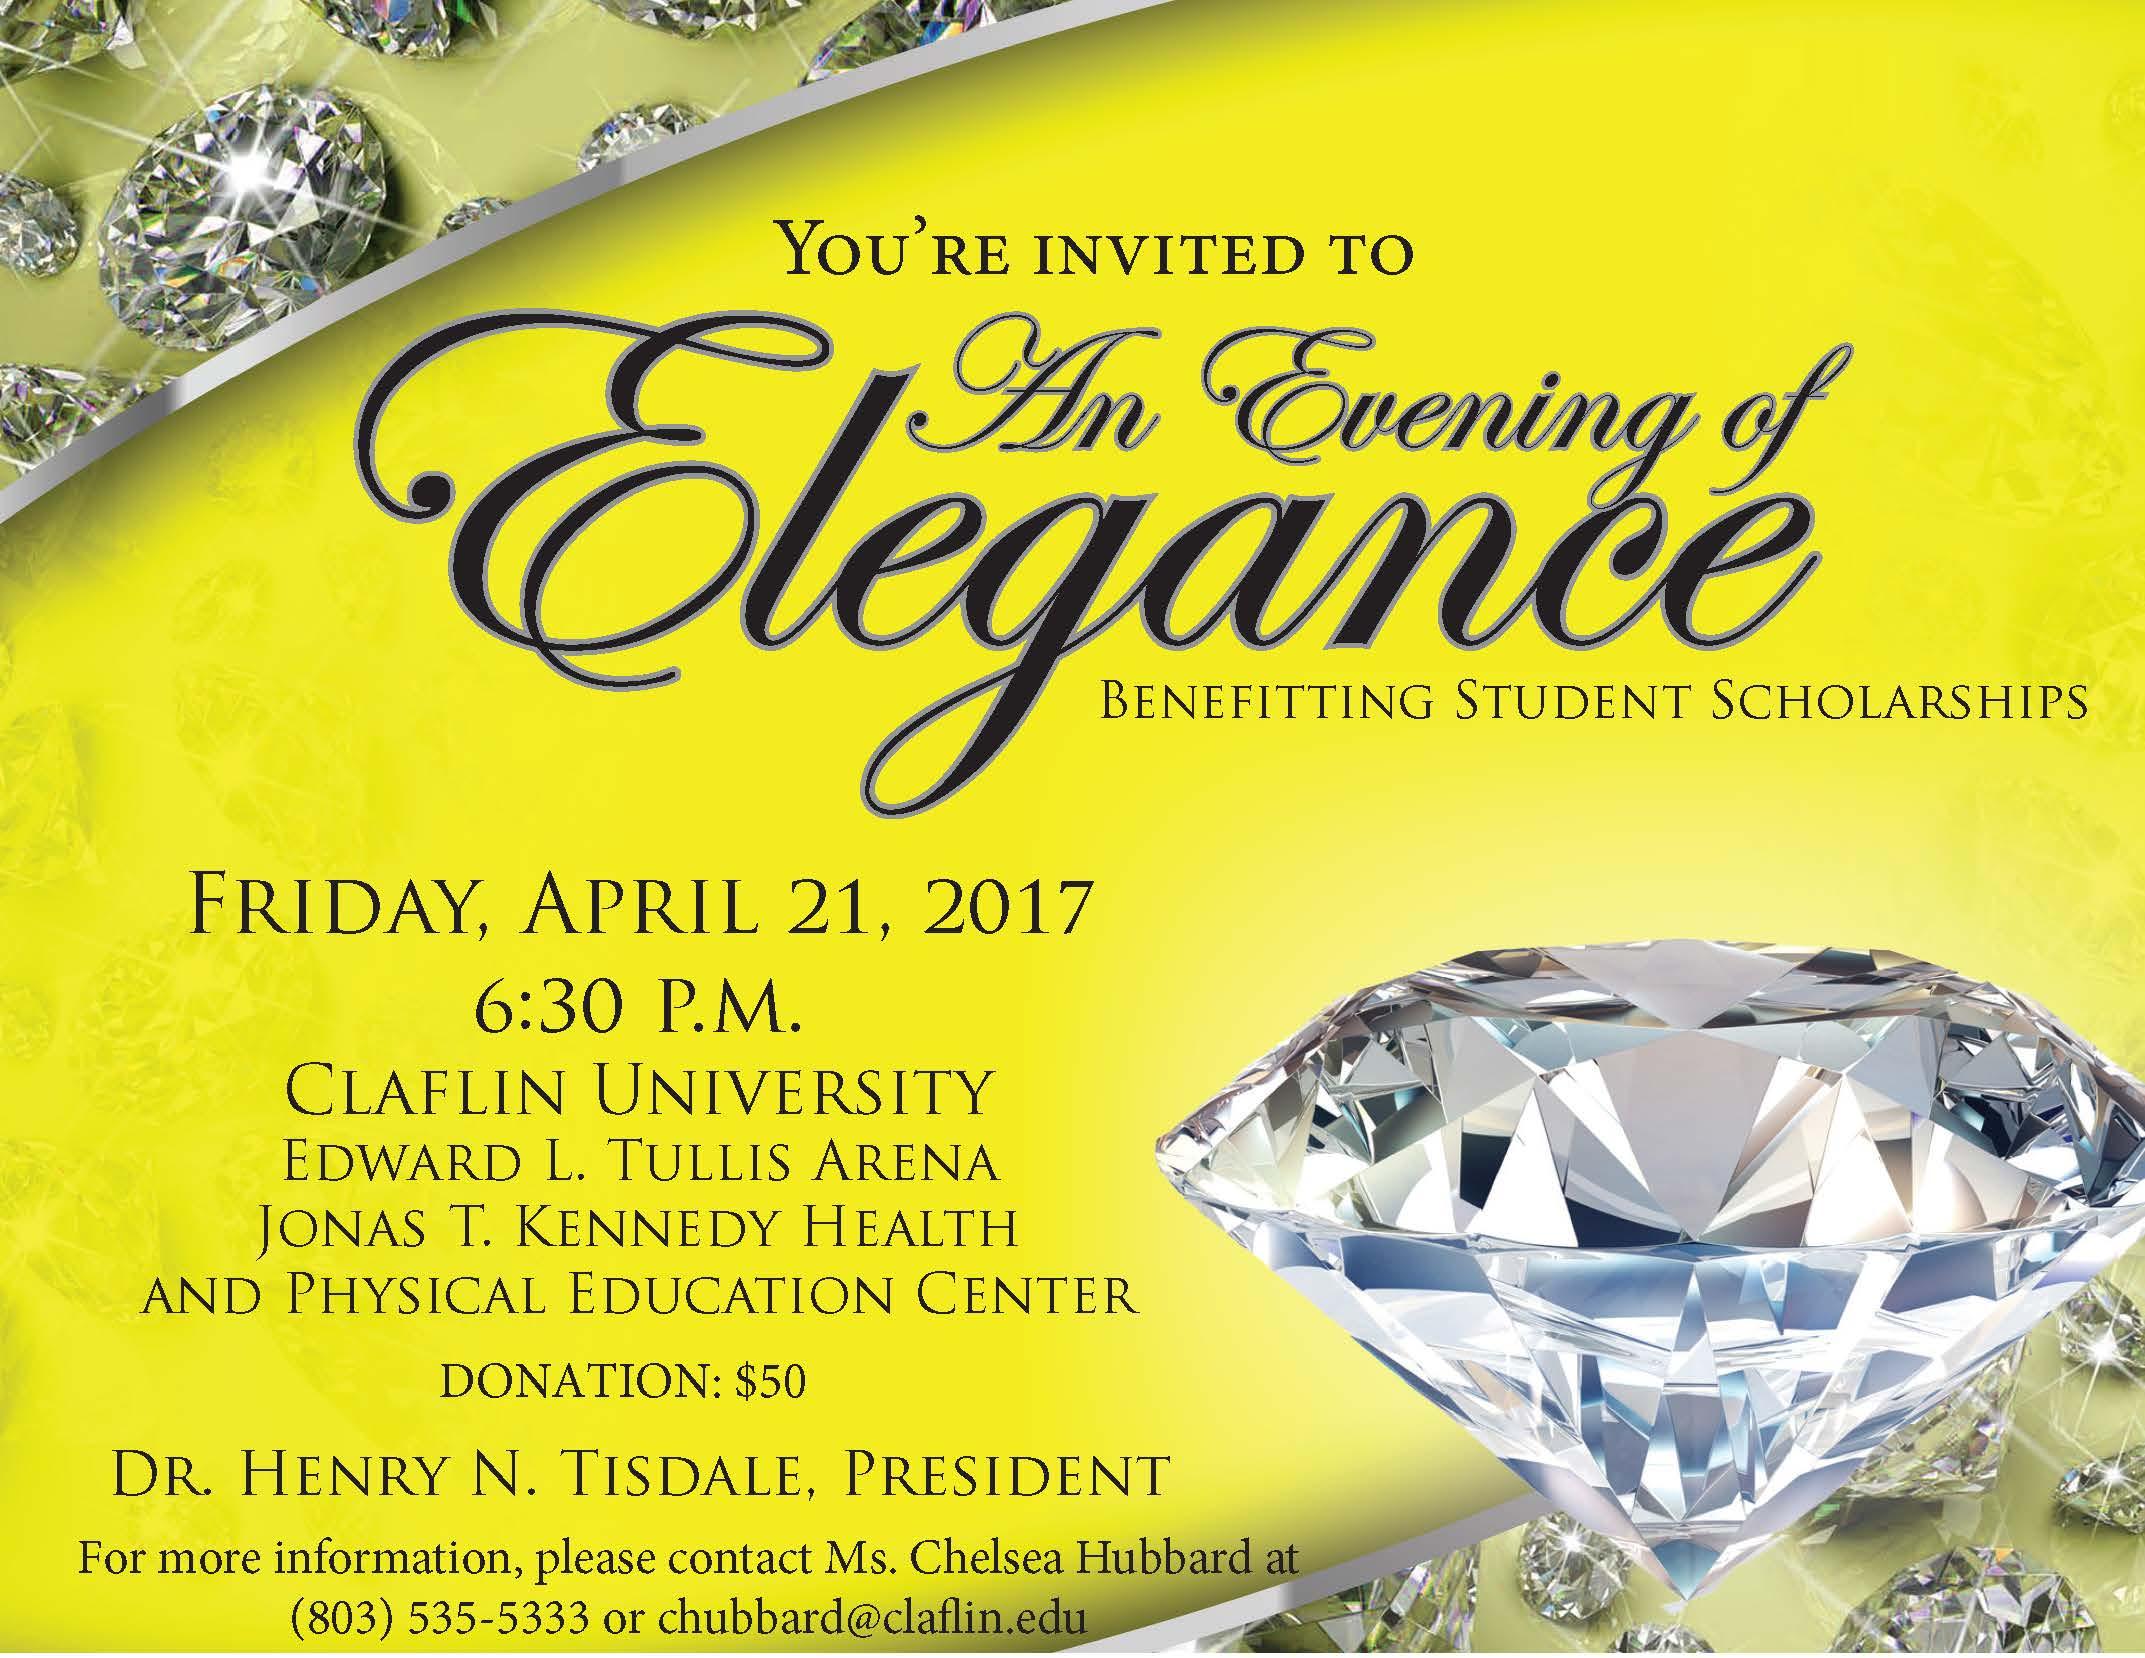 2017 Evening of Elegance Flyer (Revised 4.5.17)